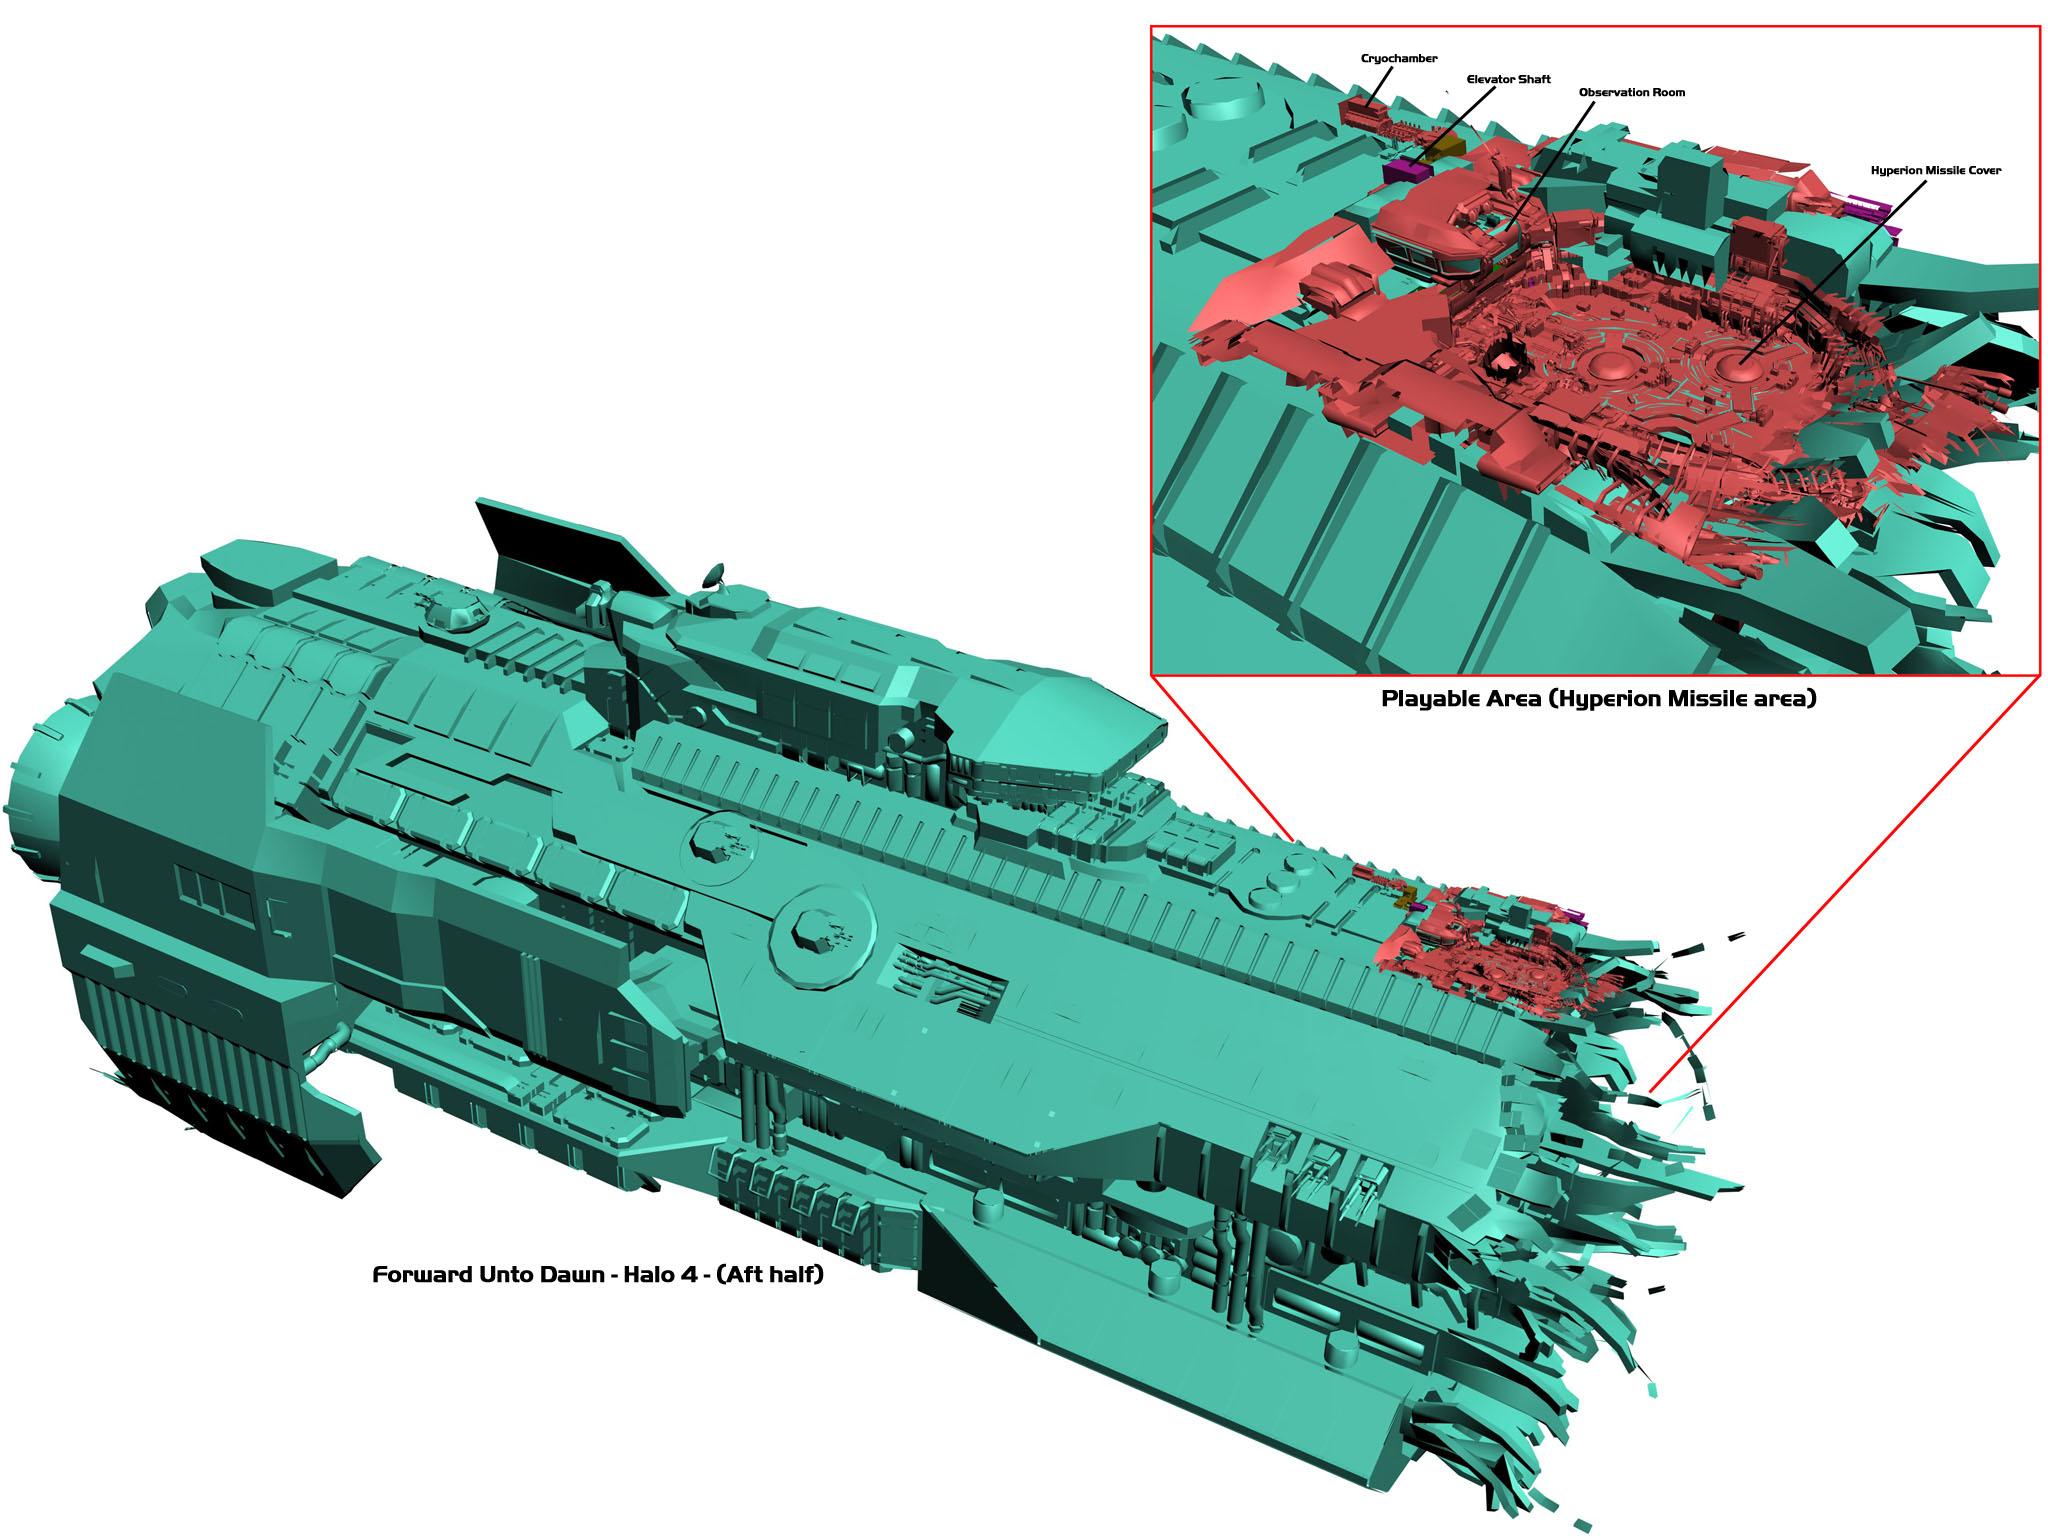 Halo 4 S Fud Size Image Heavy